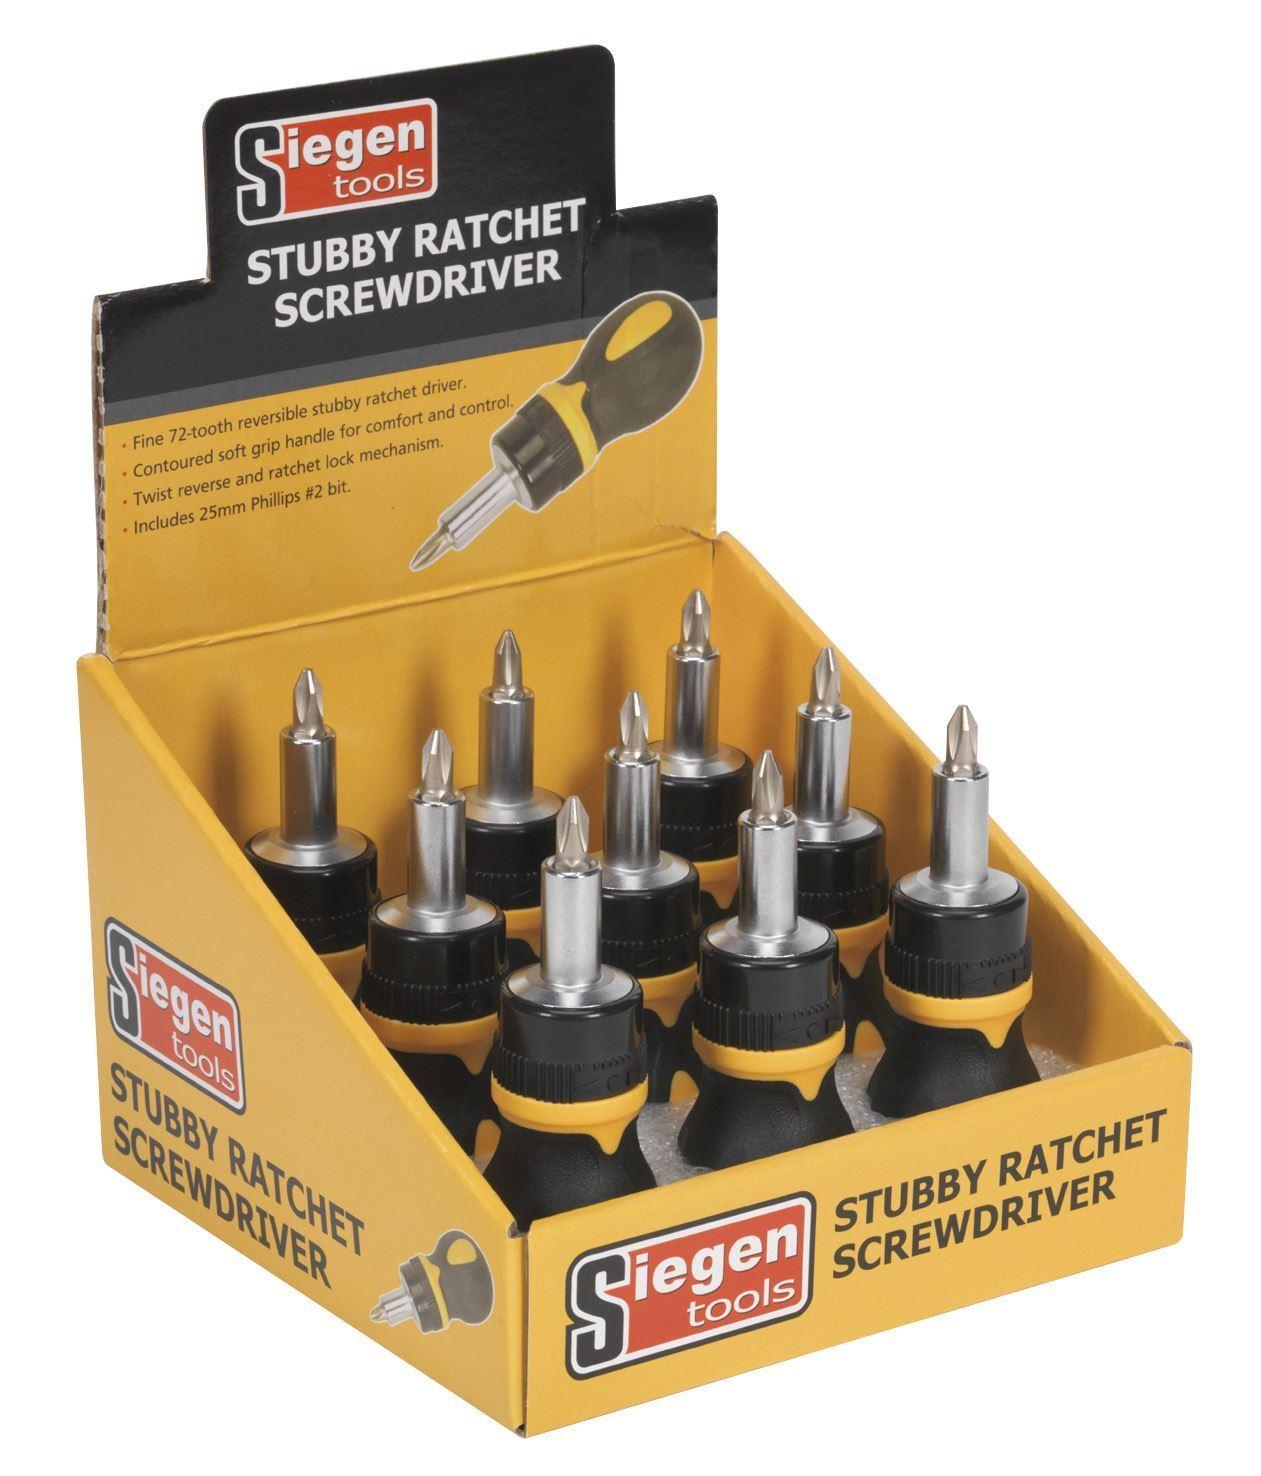 Siegen S0936 Screwdriver Ratchet Stubby Display Box of 9